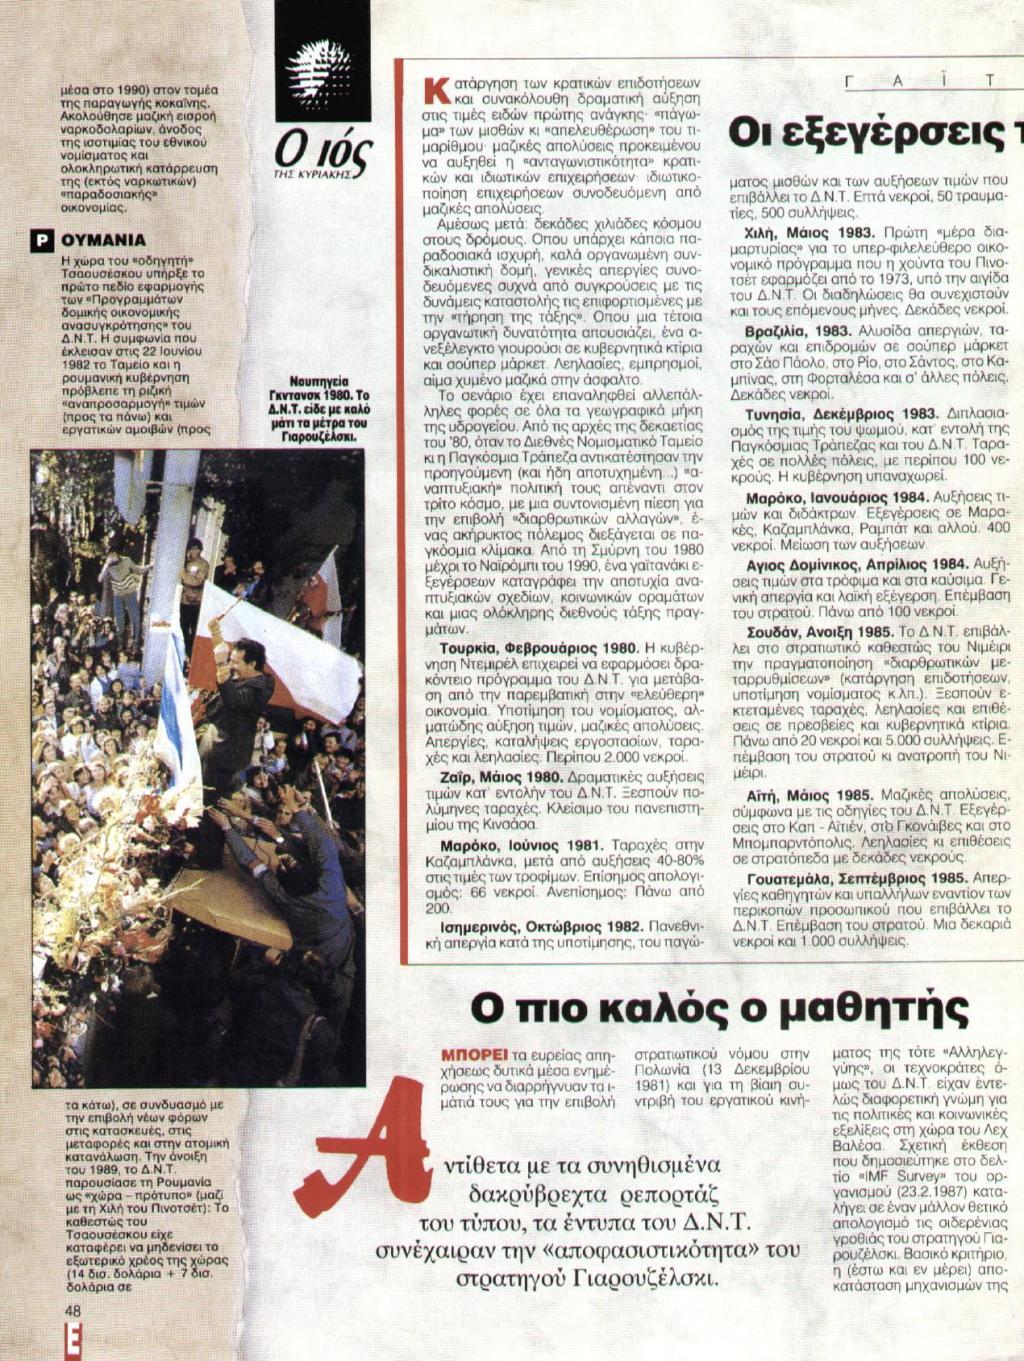 1991-11-03-ΕΨΙΛΟΝ - Ιός - Διεθνές Νομισματικό Ταμείο ΔΝΤ Το φιλί της ζωής που σκοτώνει-ΣΕΛ-04